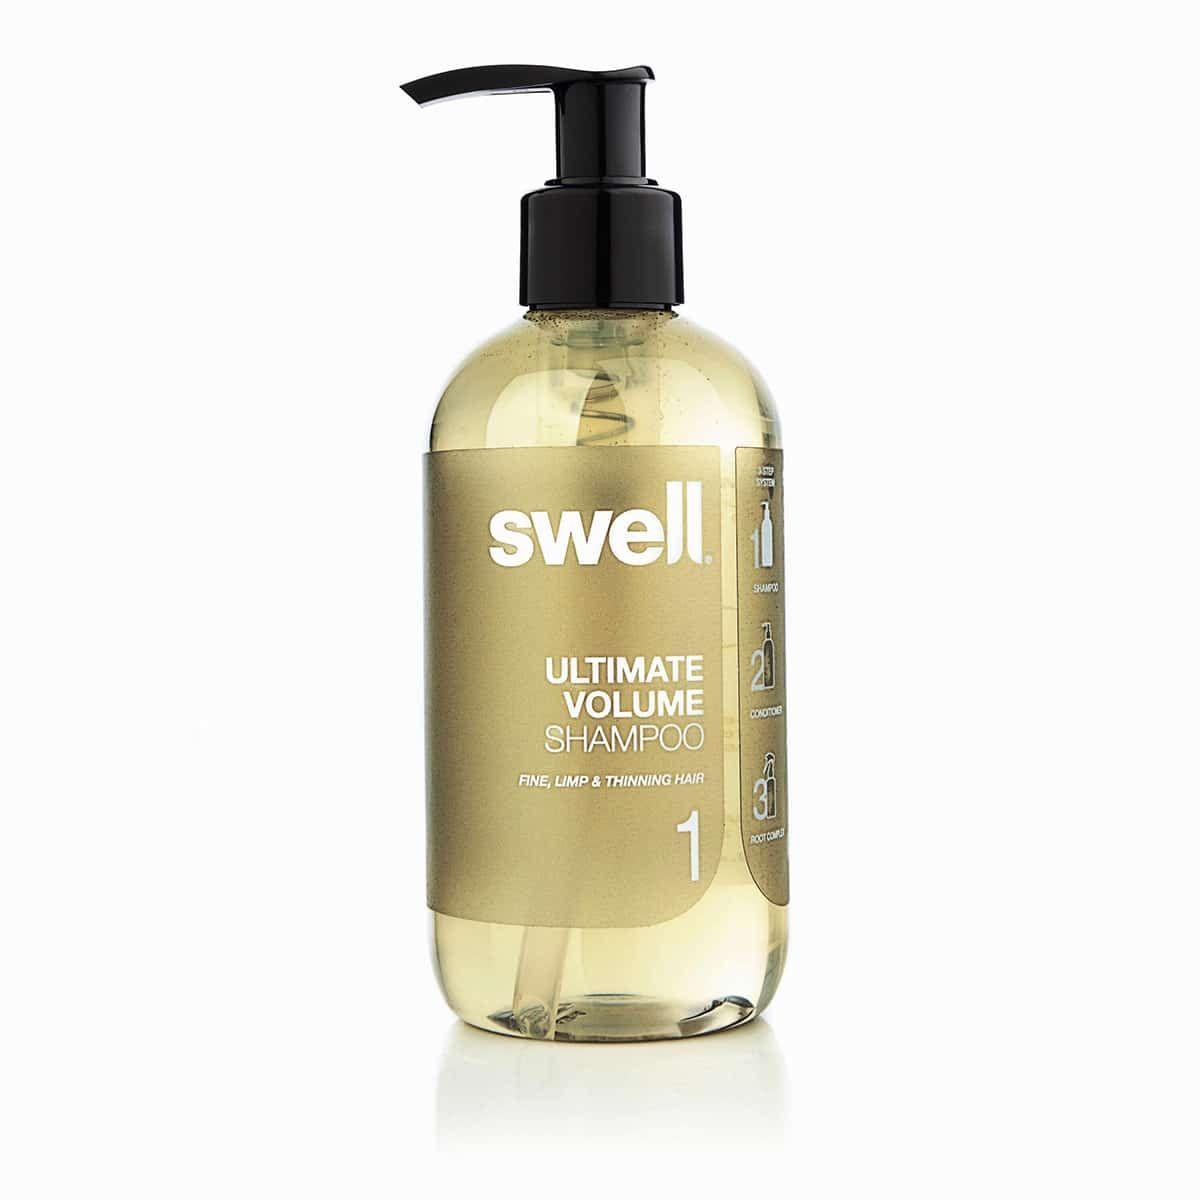 Swell Shampoo Biedt Geweldige Resultaten Zonder Het Haar Te Beschadigen De Shampoo Is Stap 1 In Het Volume Pakket Van Swell En Geeft Pra Shampoo Dun Haar Haar